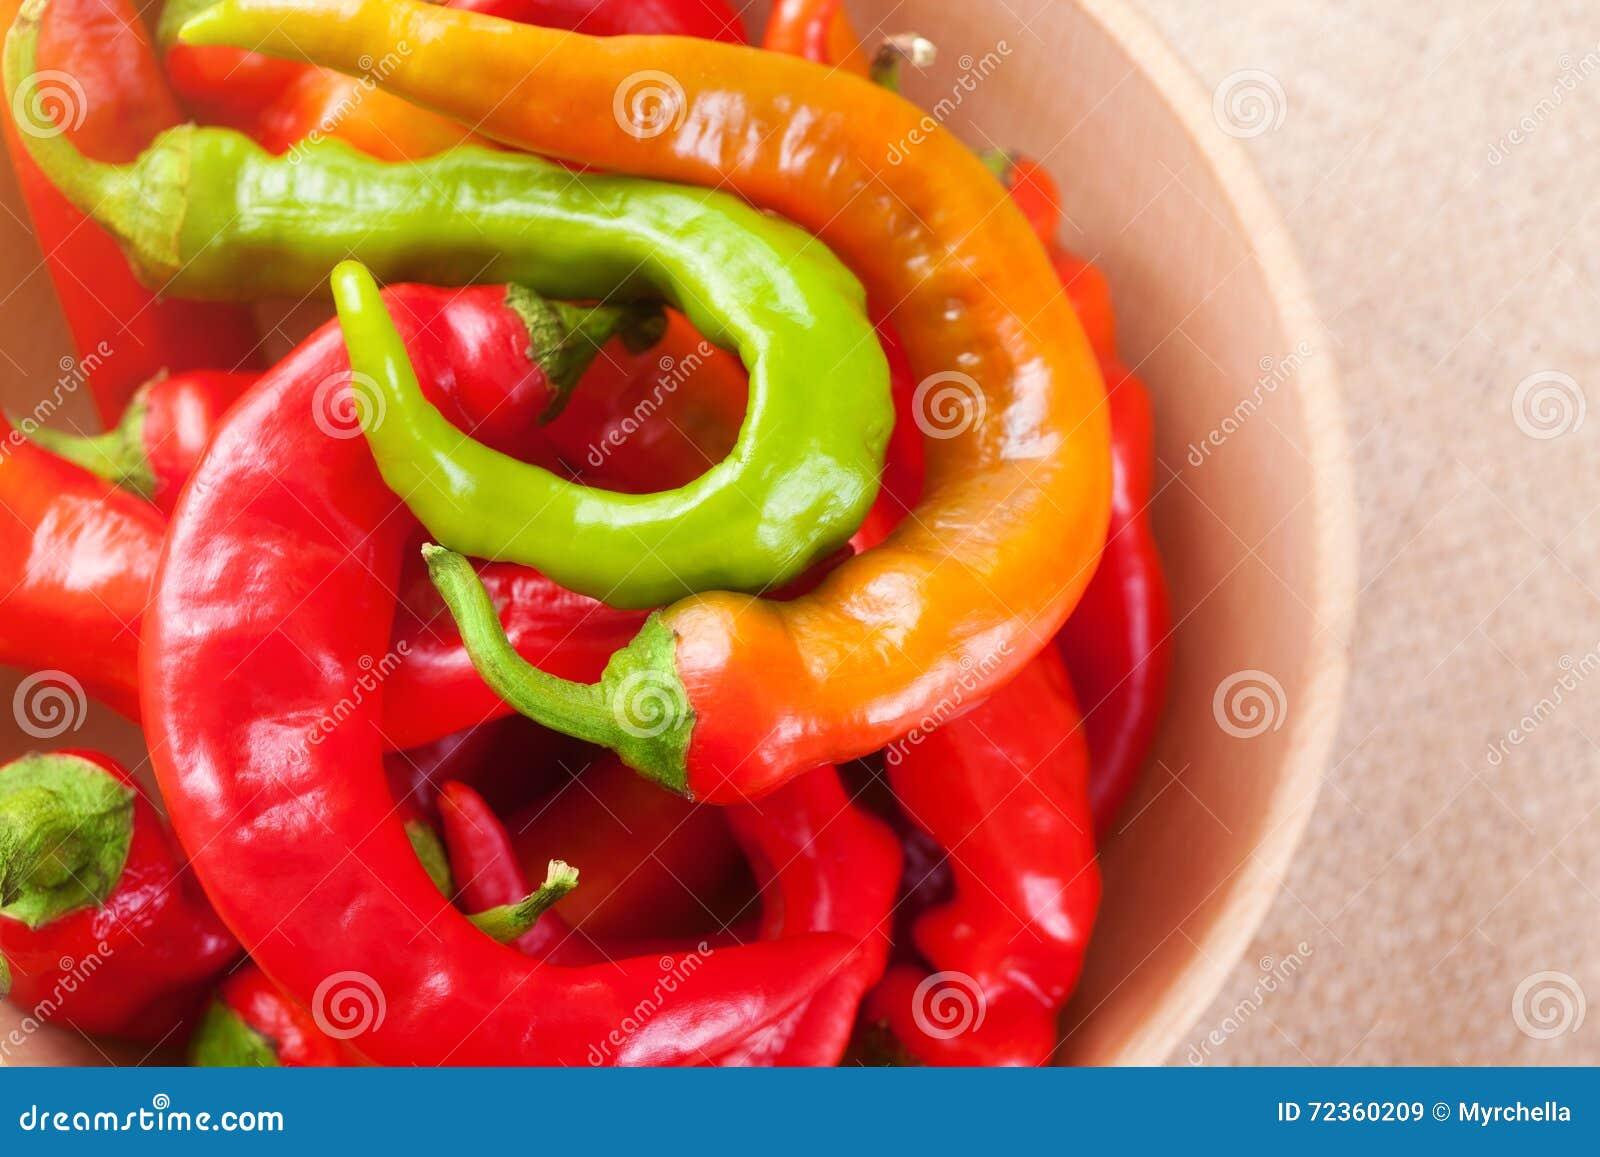 红色碗辣椒的青椒